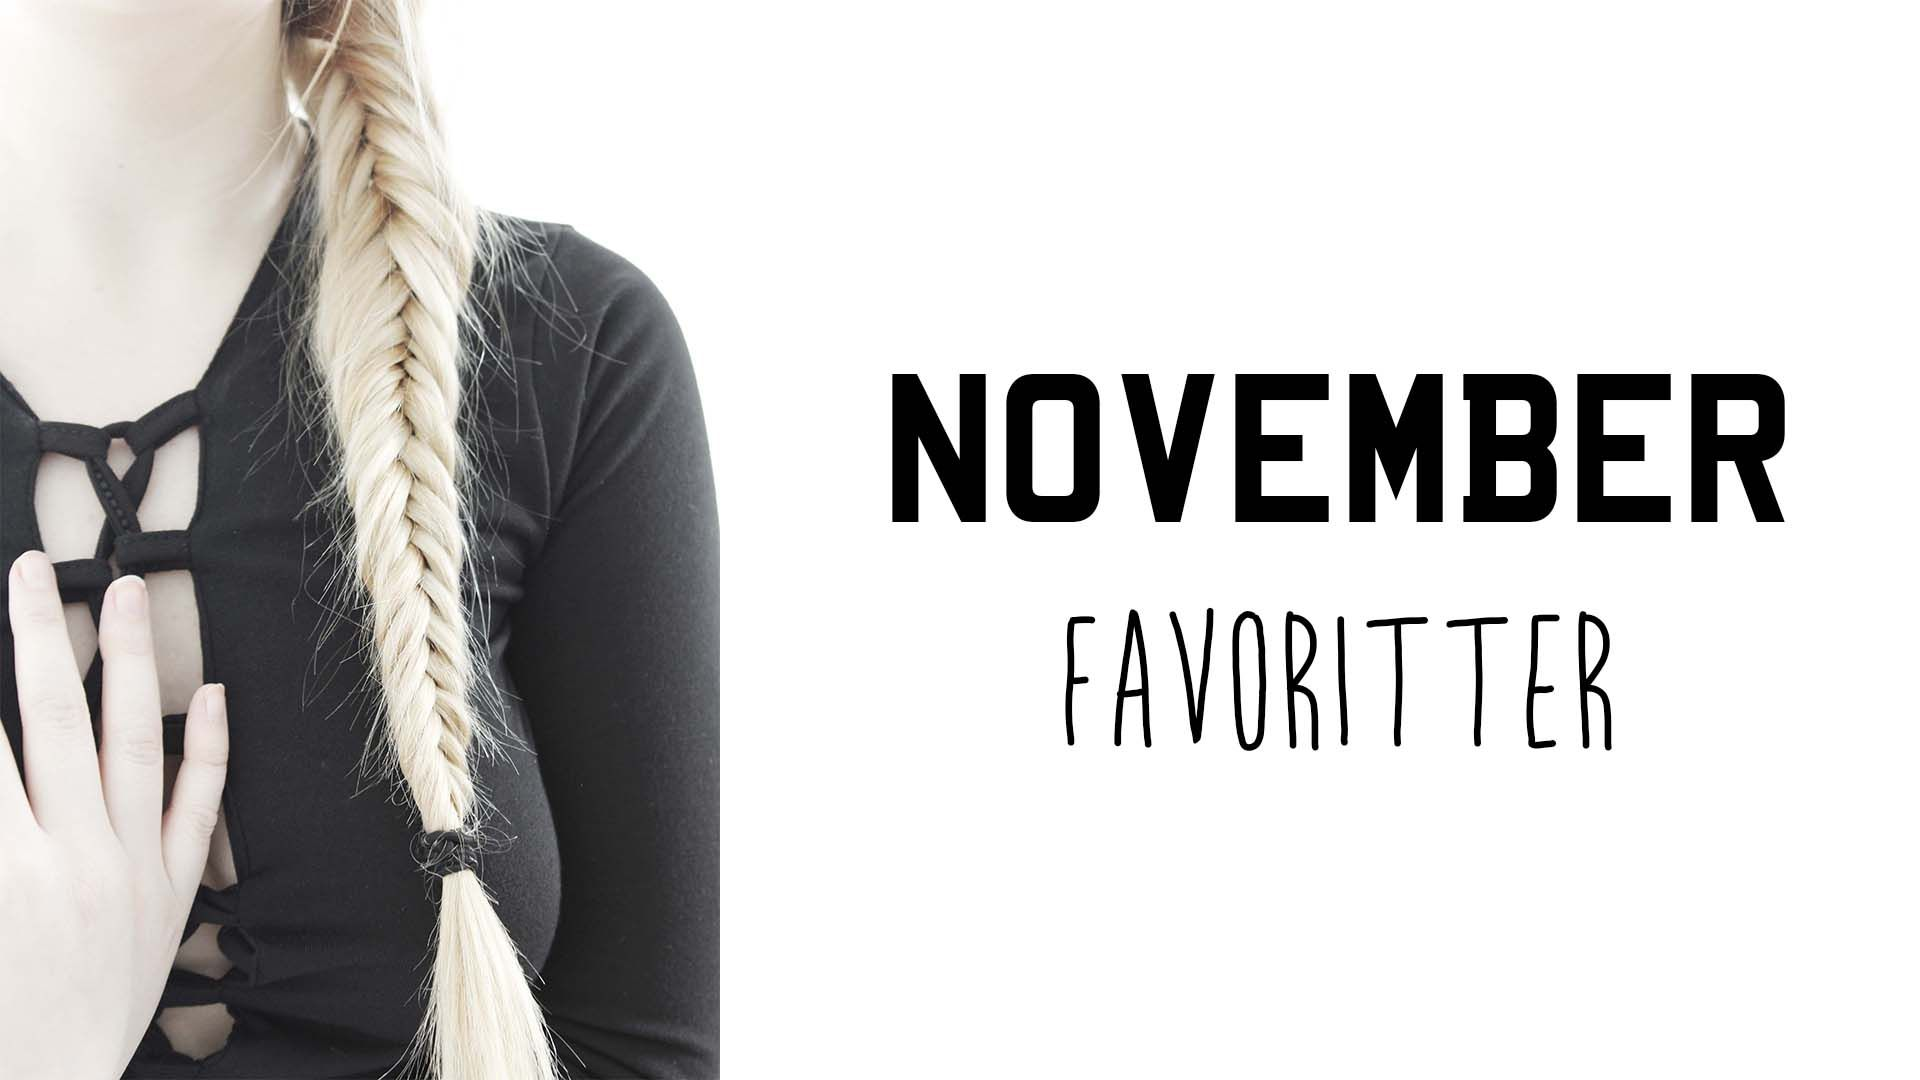 November favoritter